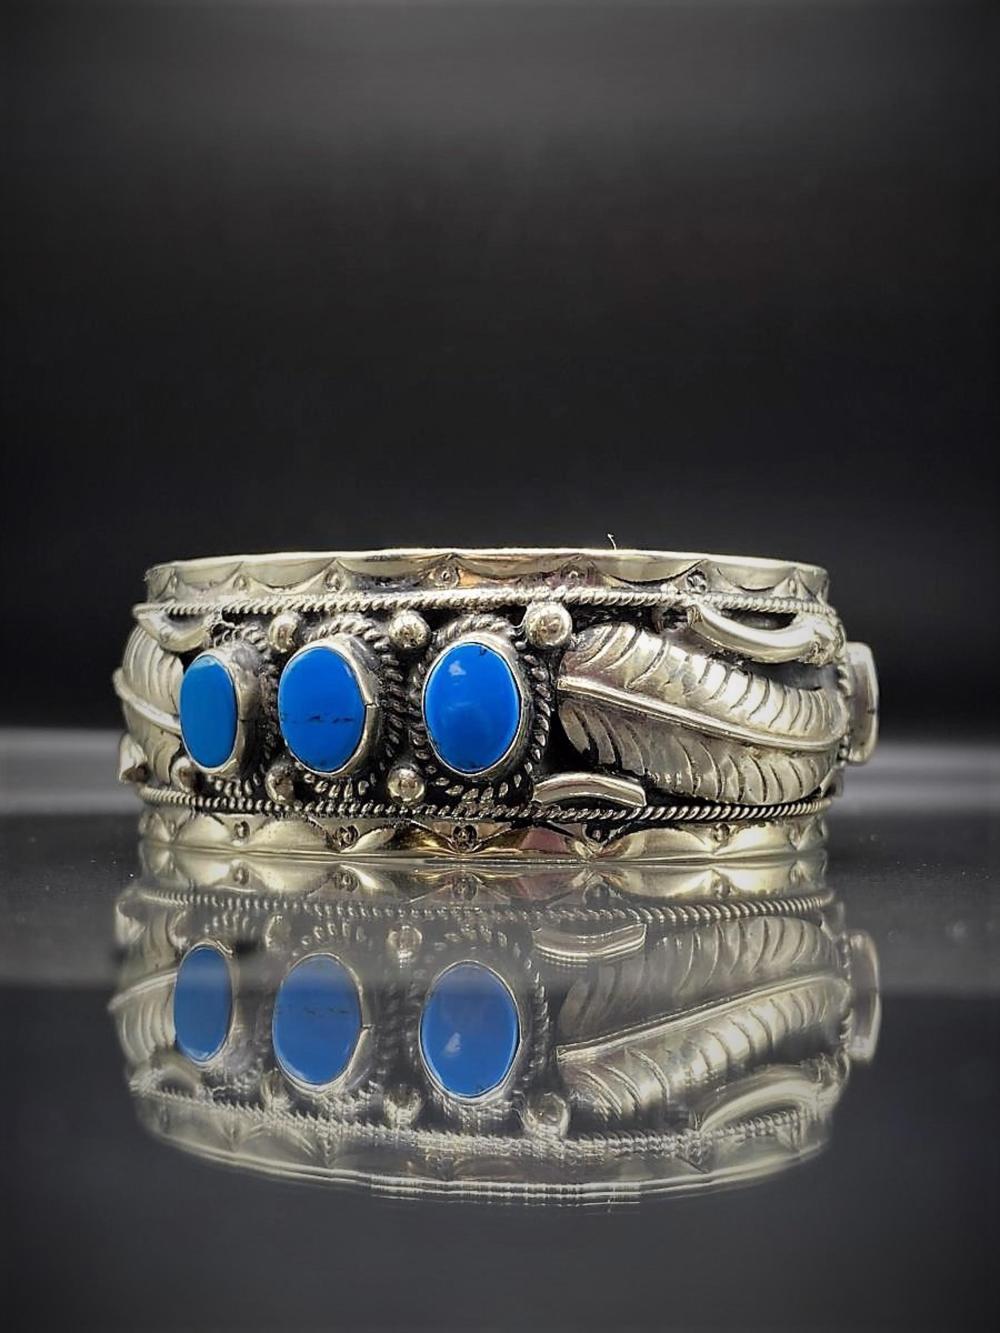 Vintage Sterling Silver/Turquoise Bracelet